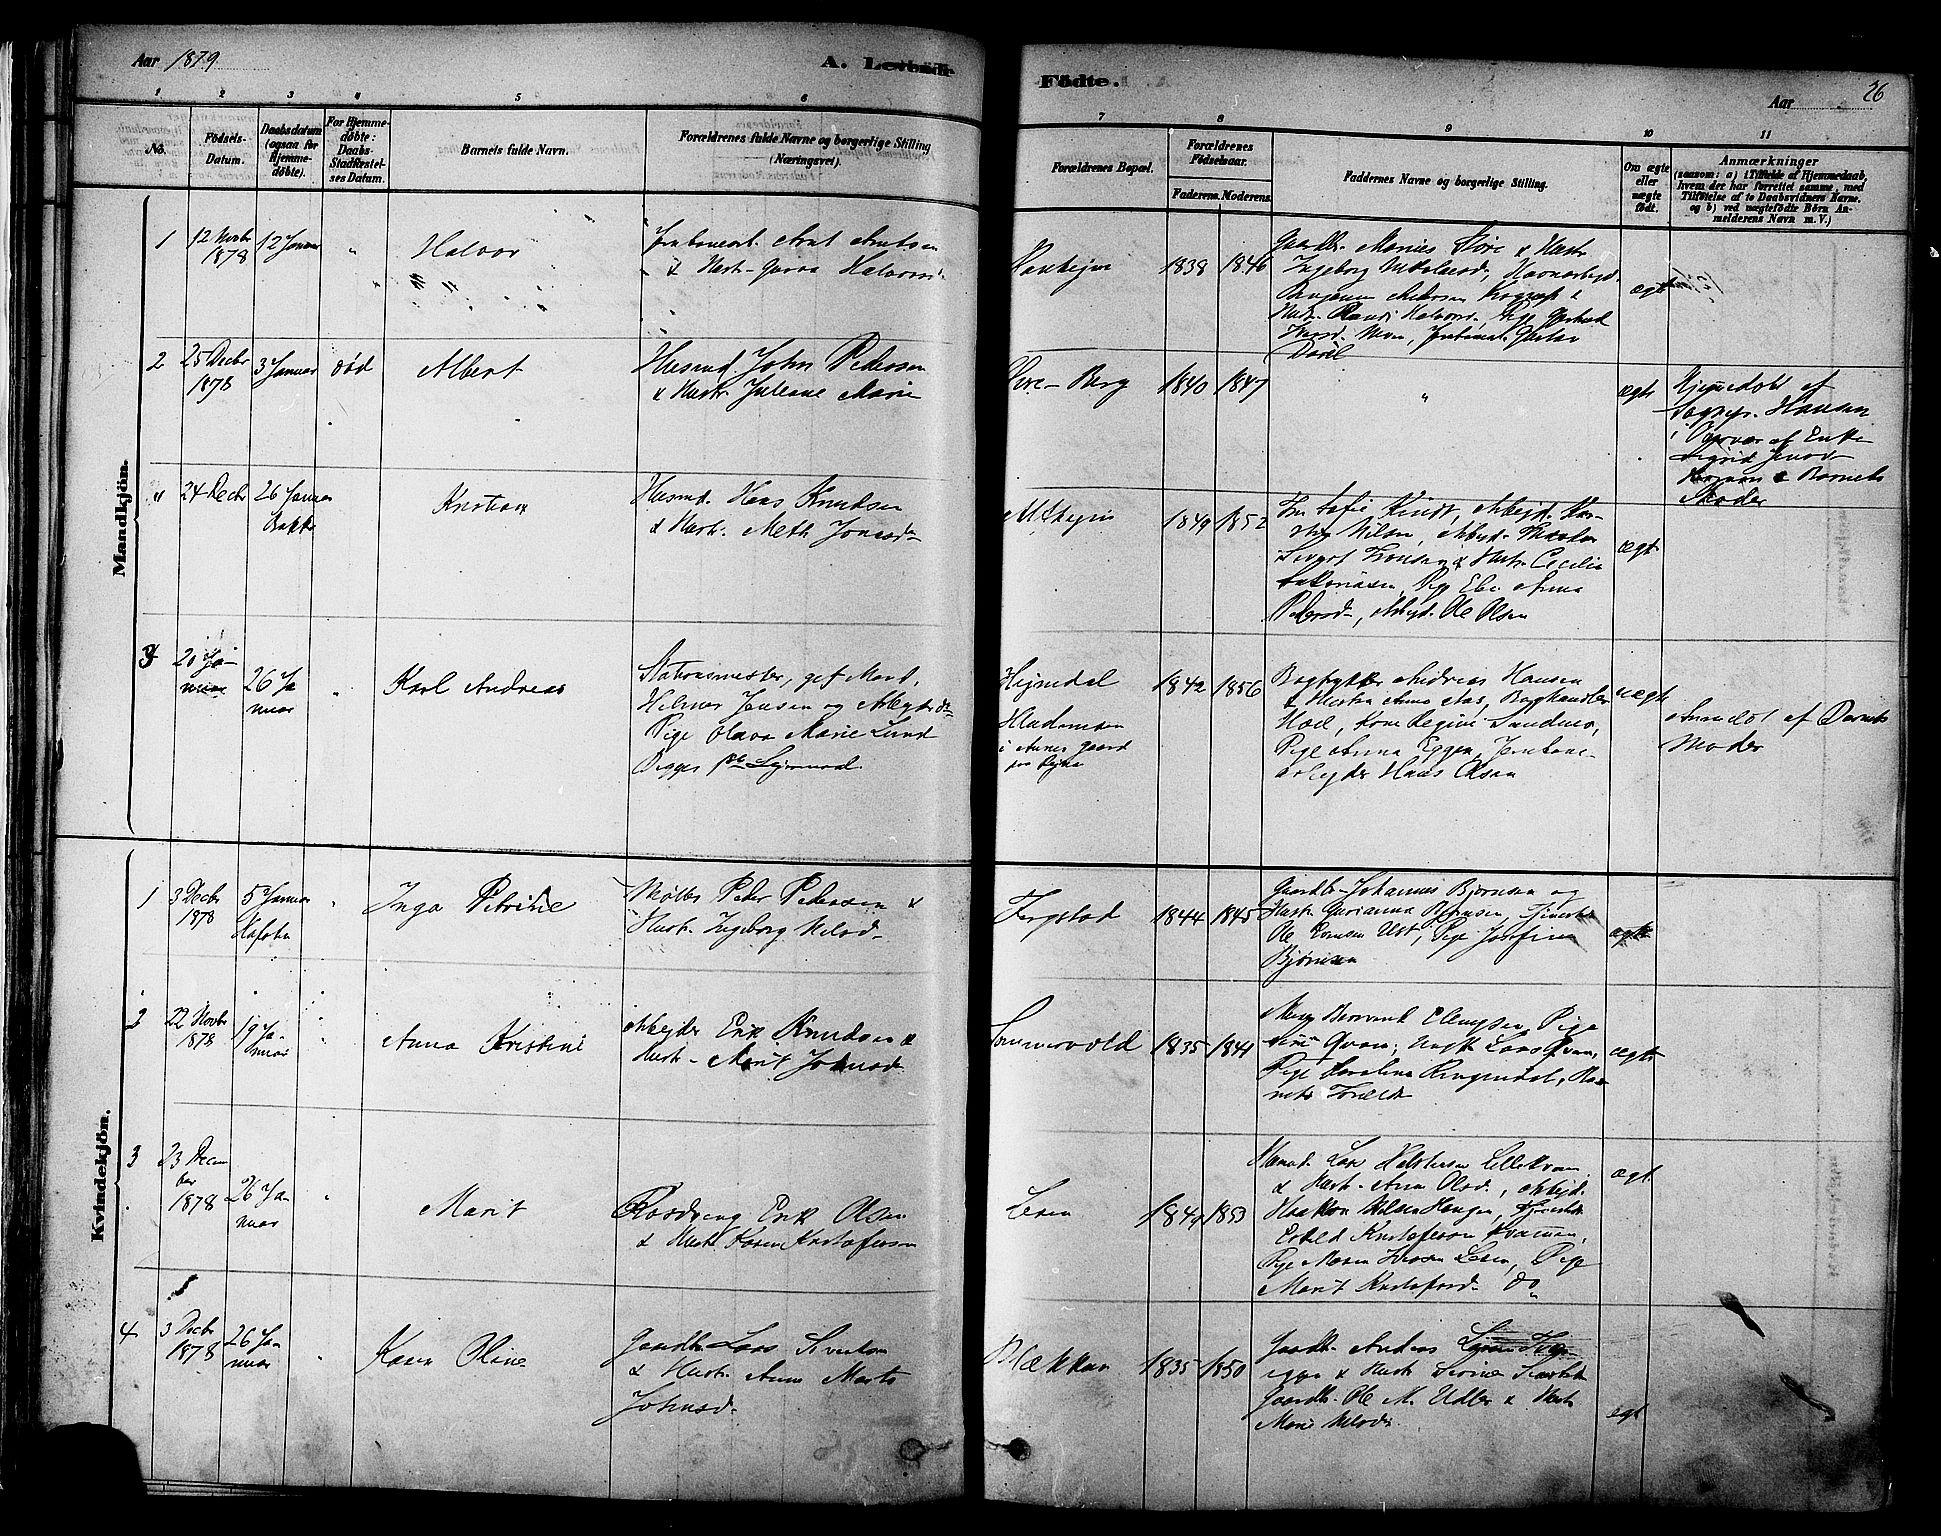 SAT, Ministerialprotokoller, klokkerbøker og fødselsregistre - Sør-Trøndelag, 606/L0294: Ministerialbok nr. 606A09, 1878-1886, s. 26